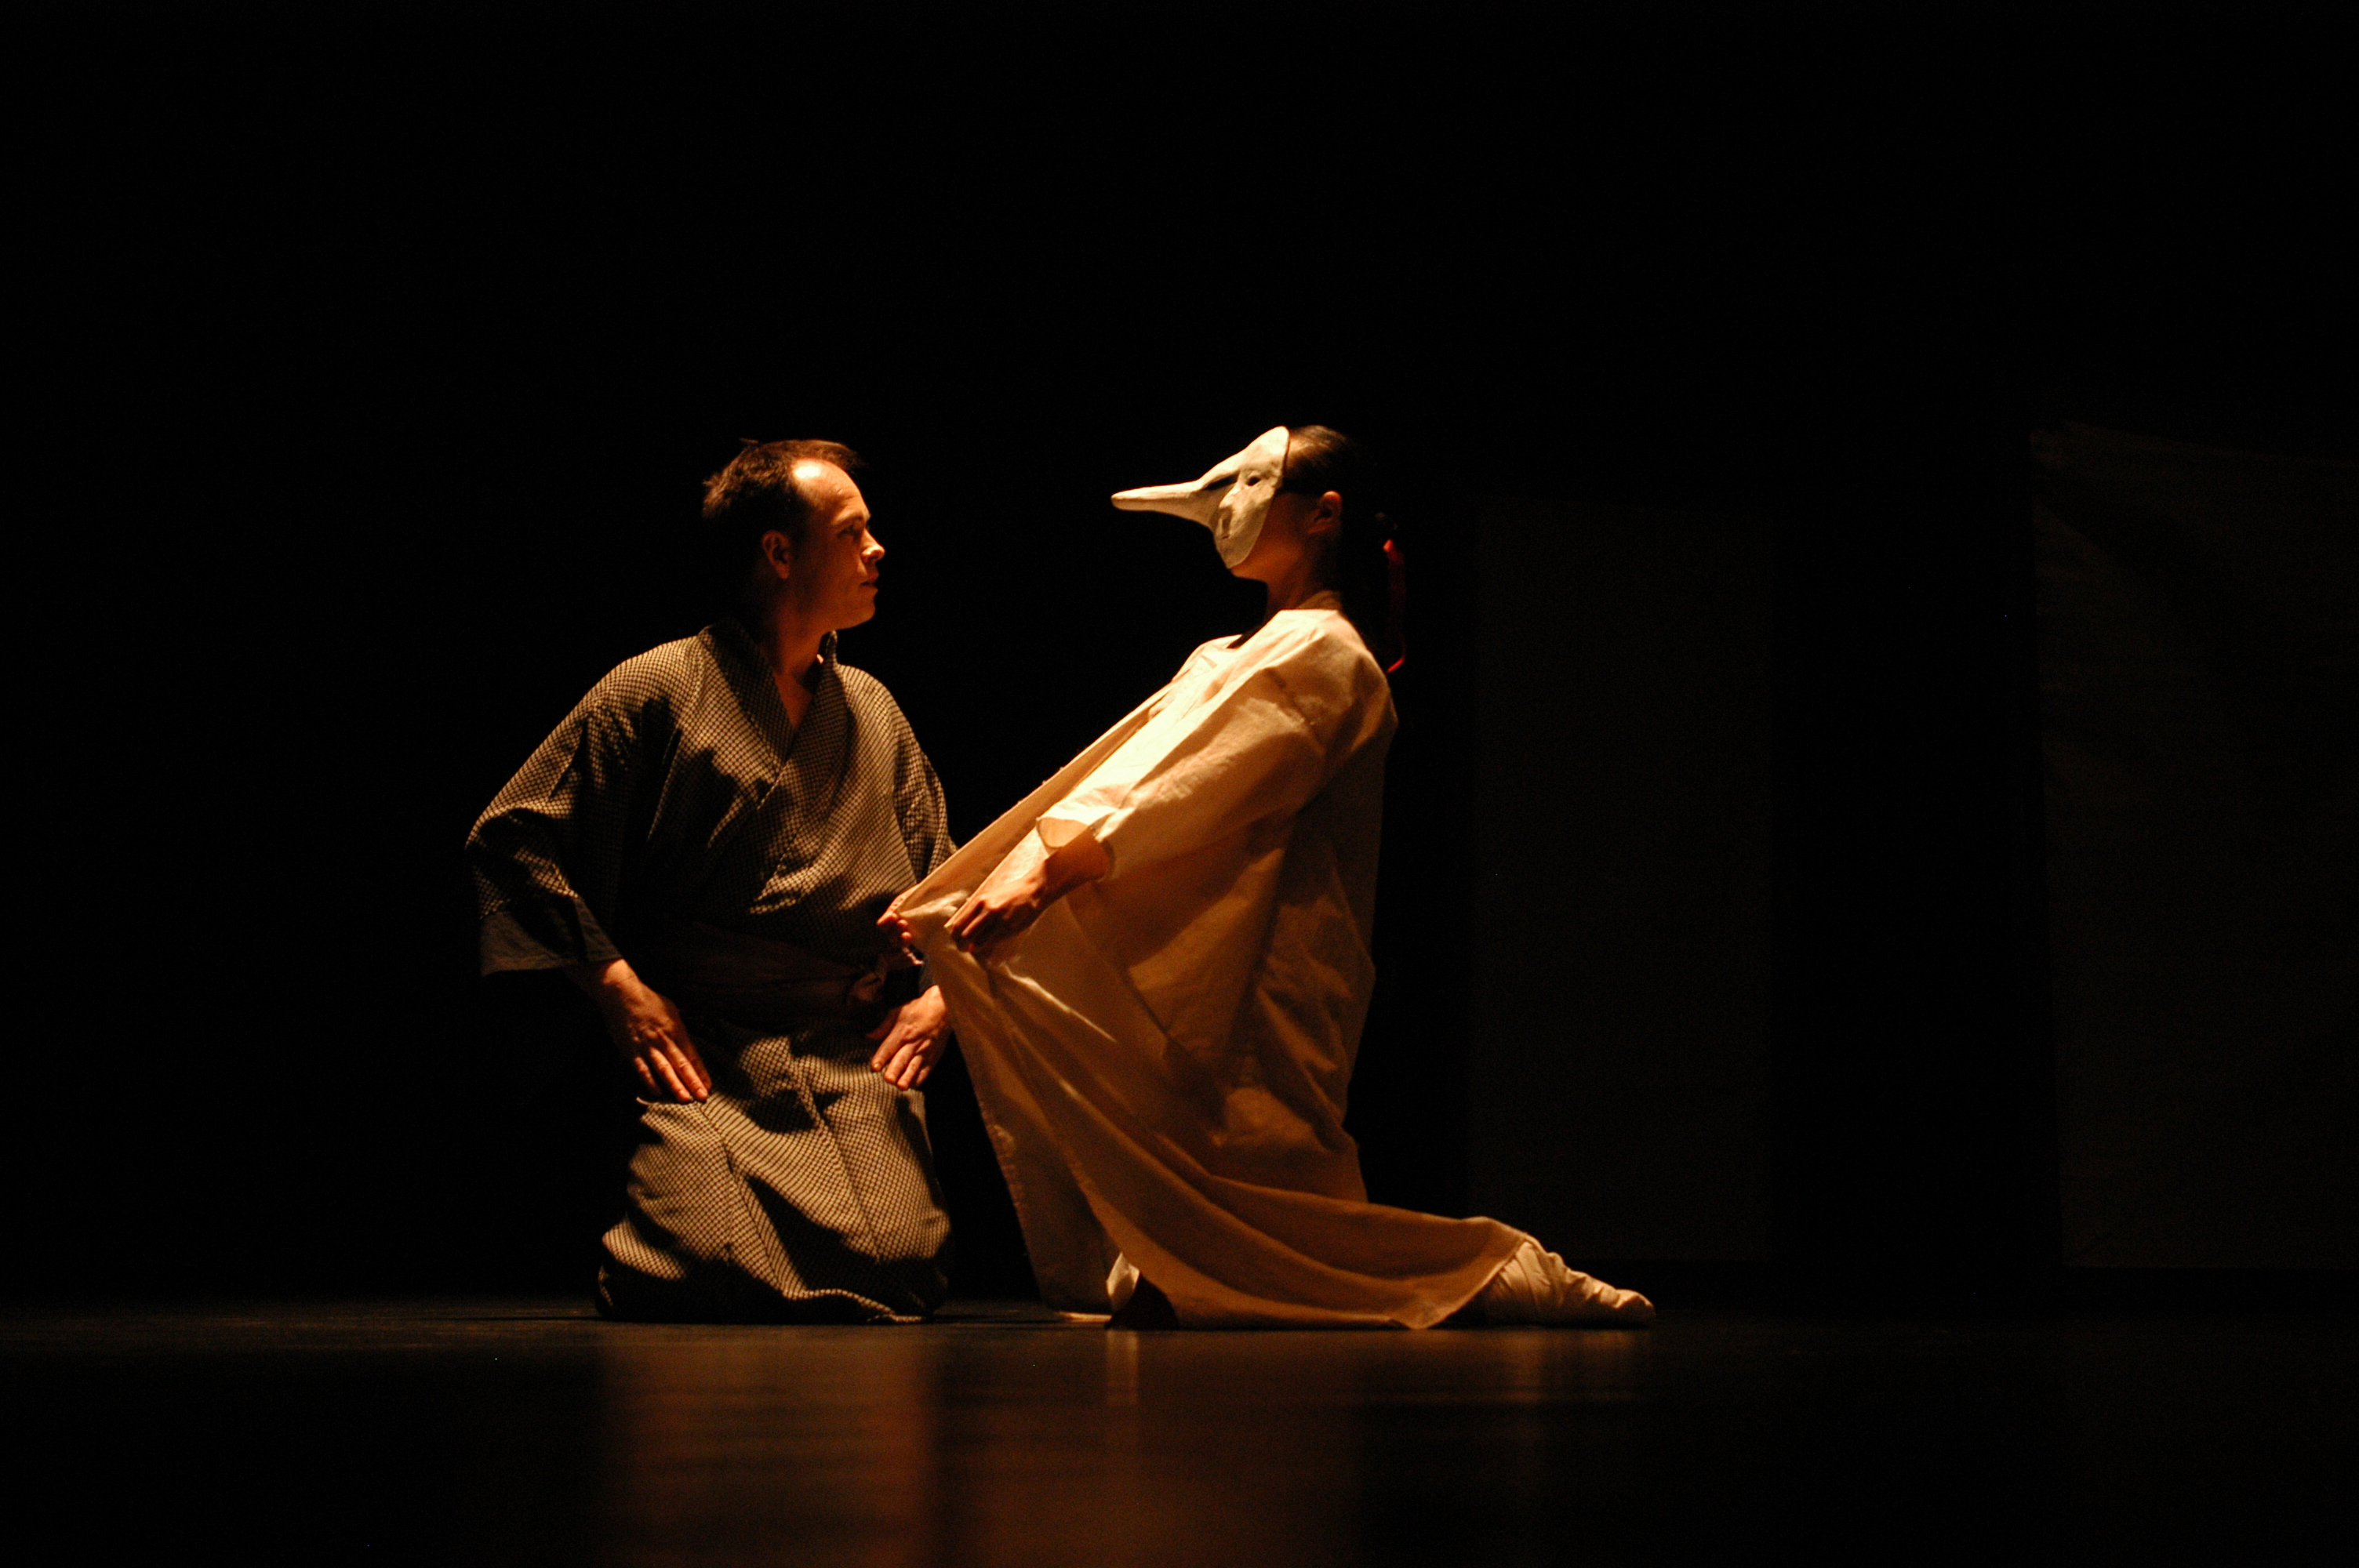 kagome - fde 2006 - 03.JPG